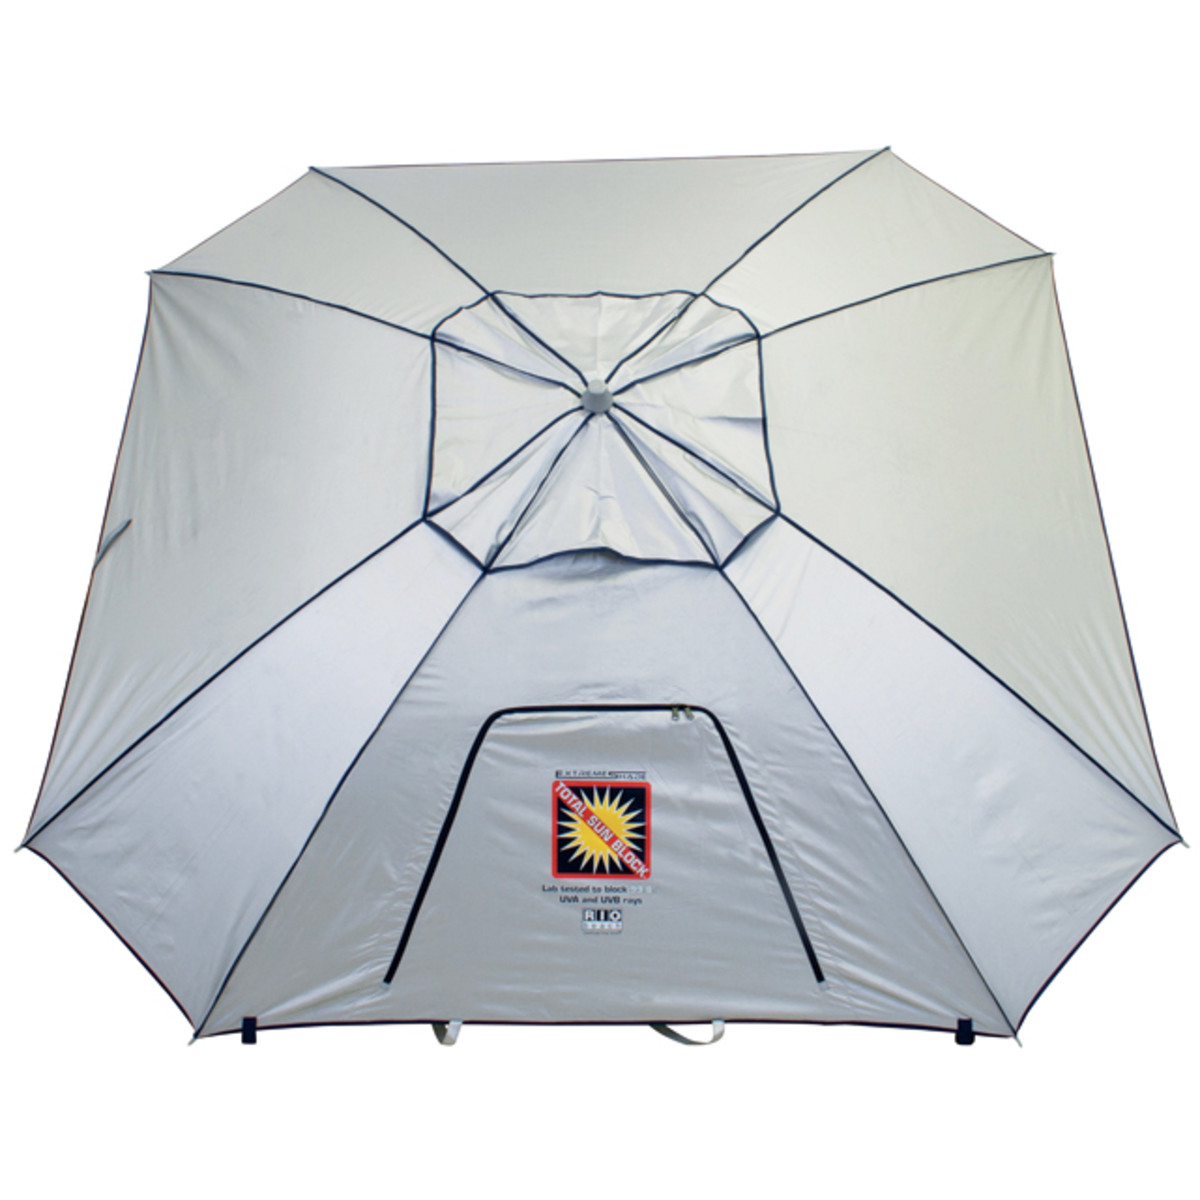 Total Sunblock 7' Umbrella